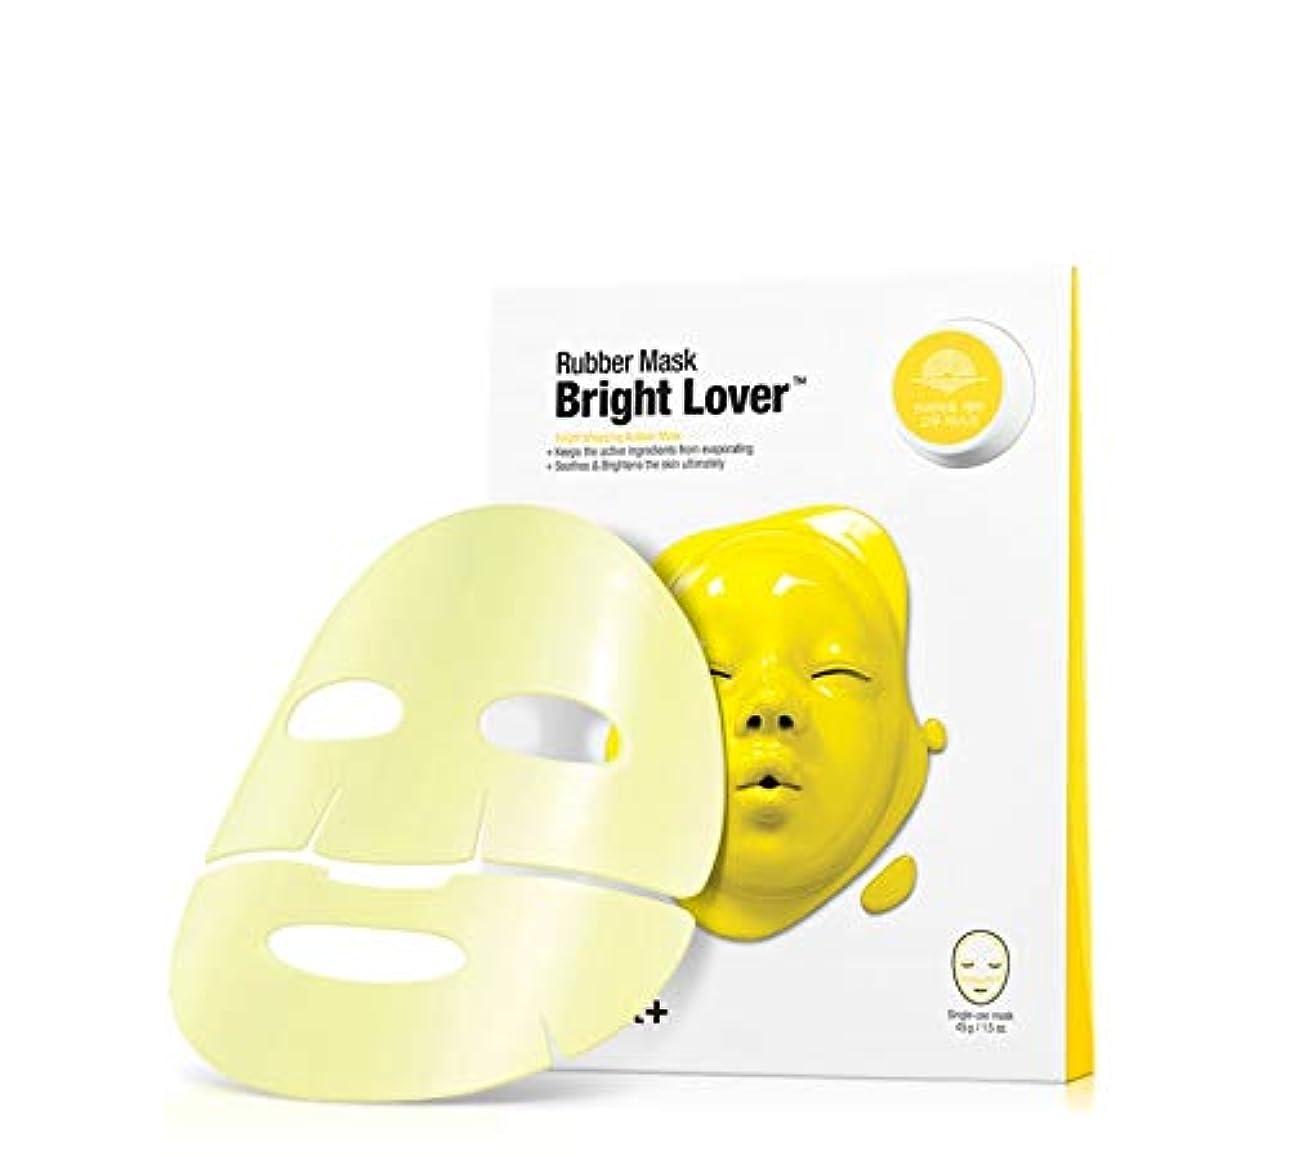 ダイバー用心深い佐賀Dr. Jart Dermask Rubber Mask 1.5oz 1pcs (Bright Lover)